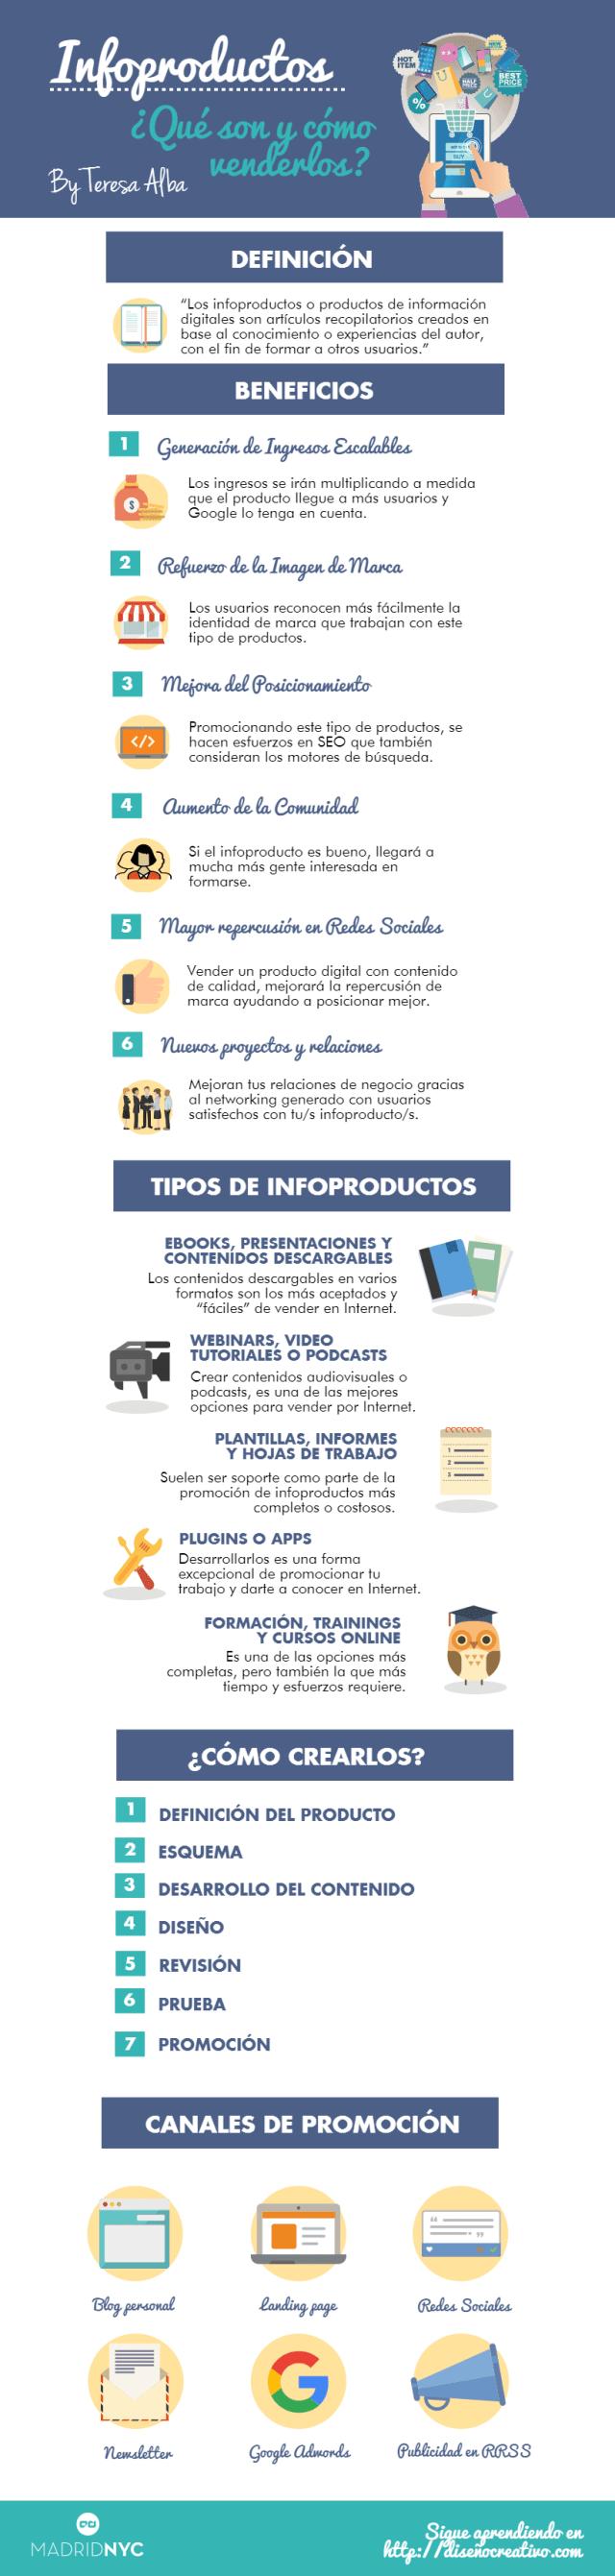 como-vender-por-internet-infoproductos-infografia-teresa-alba-madridnyc